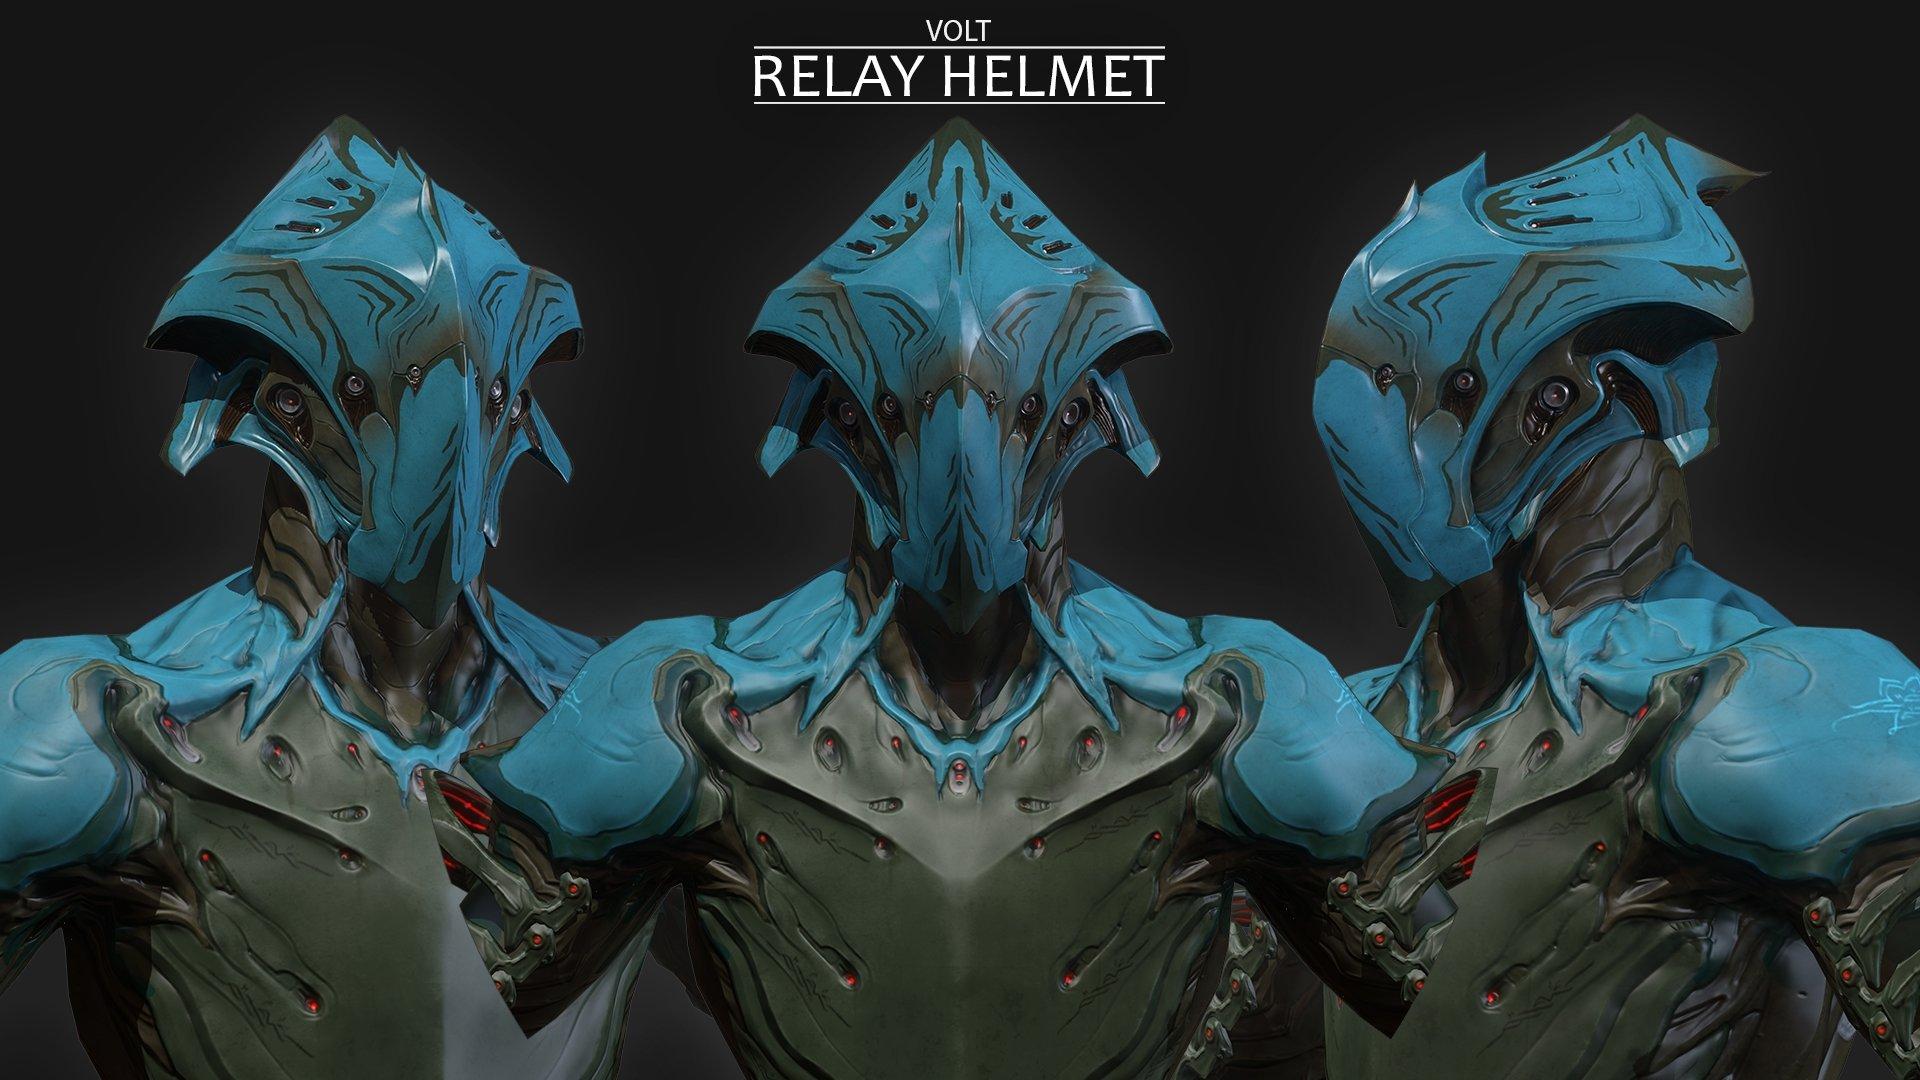 [Alt Helmet] - Volt - Relay — polycount Warframe Volt Helmet